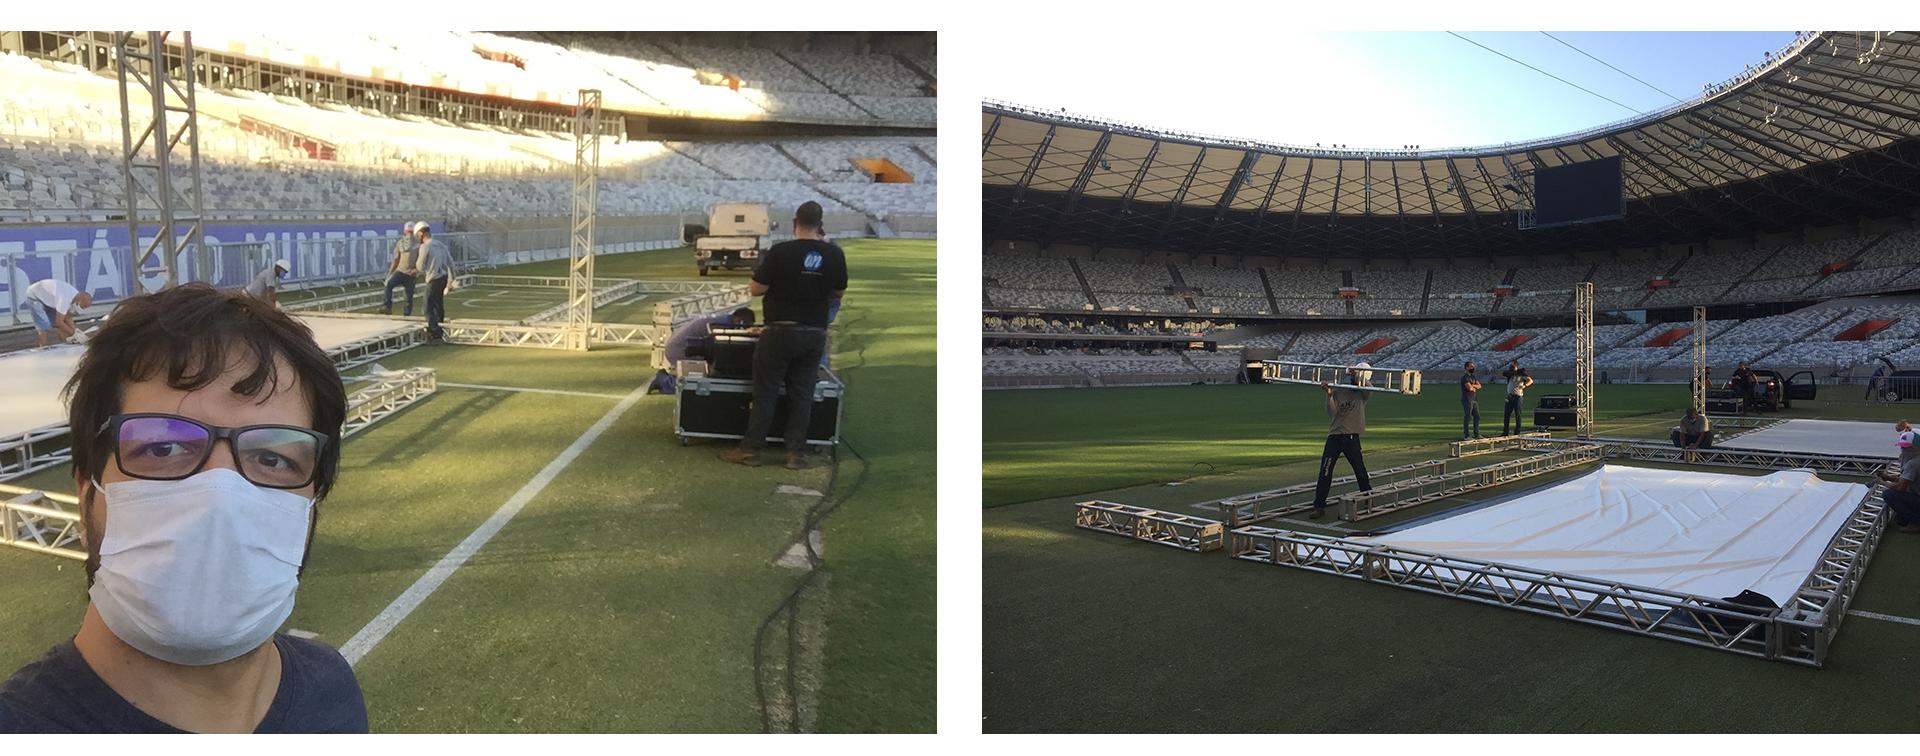 Estádio Mineirão, Belo Horizonte, 19/05/2020.